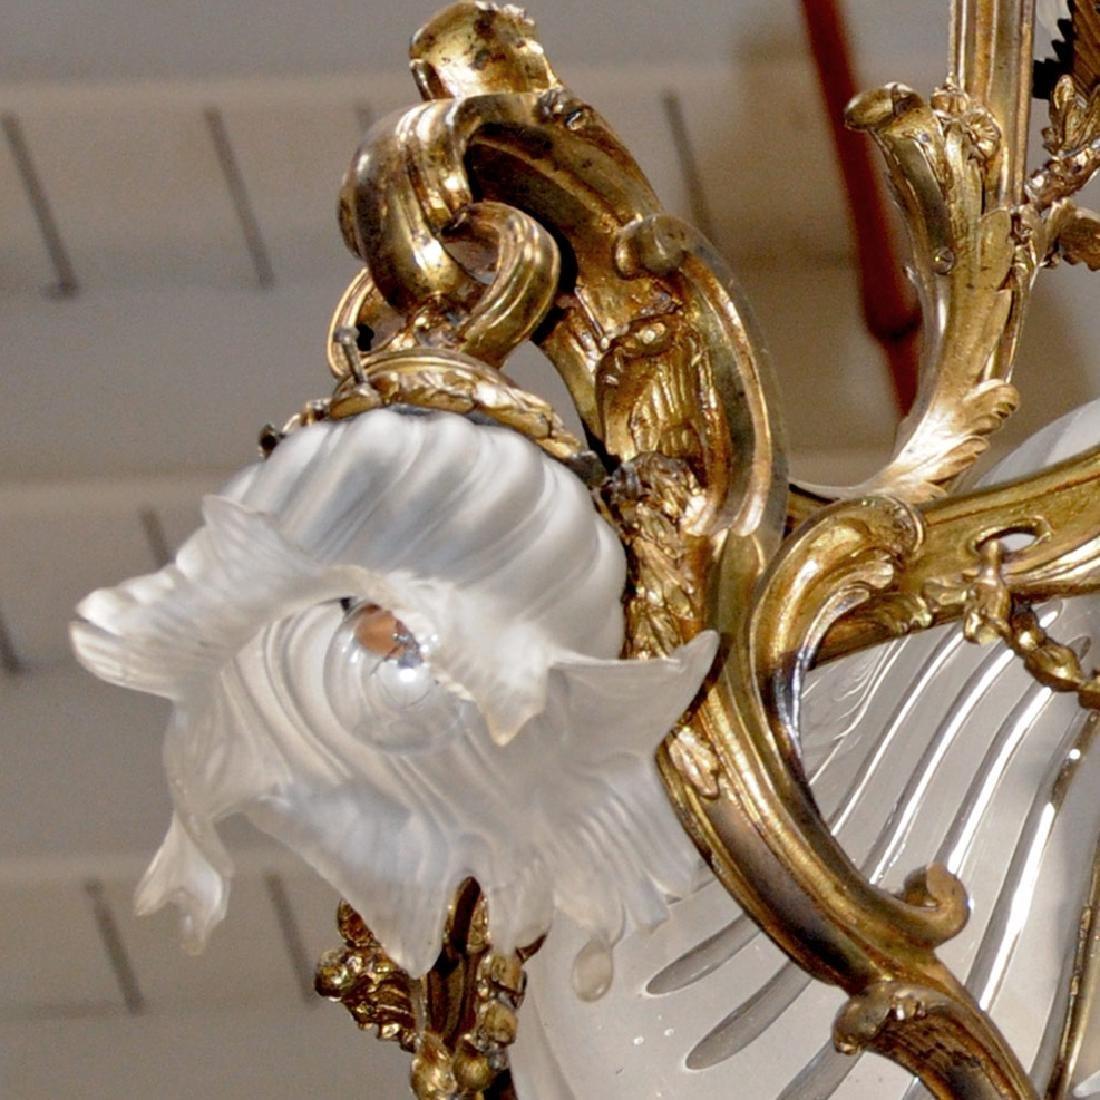 19th C. French Art Nouveau Bronze Chandelier - 5